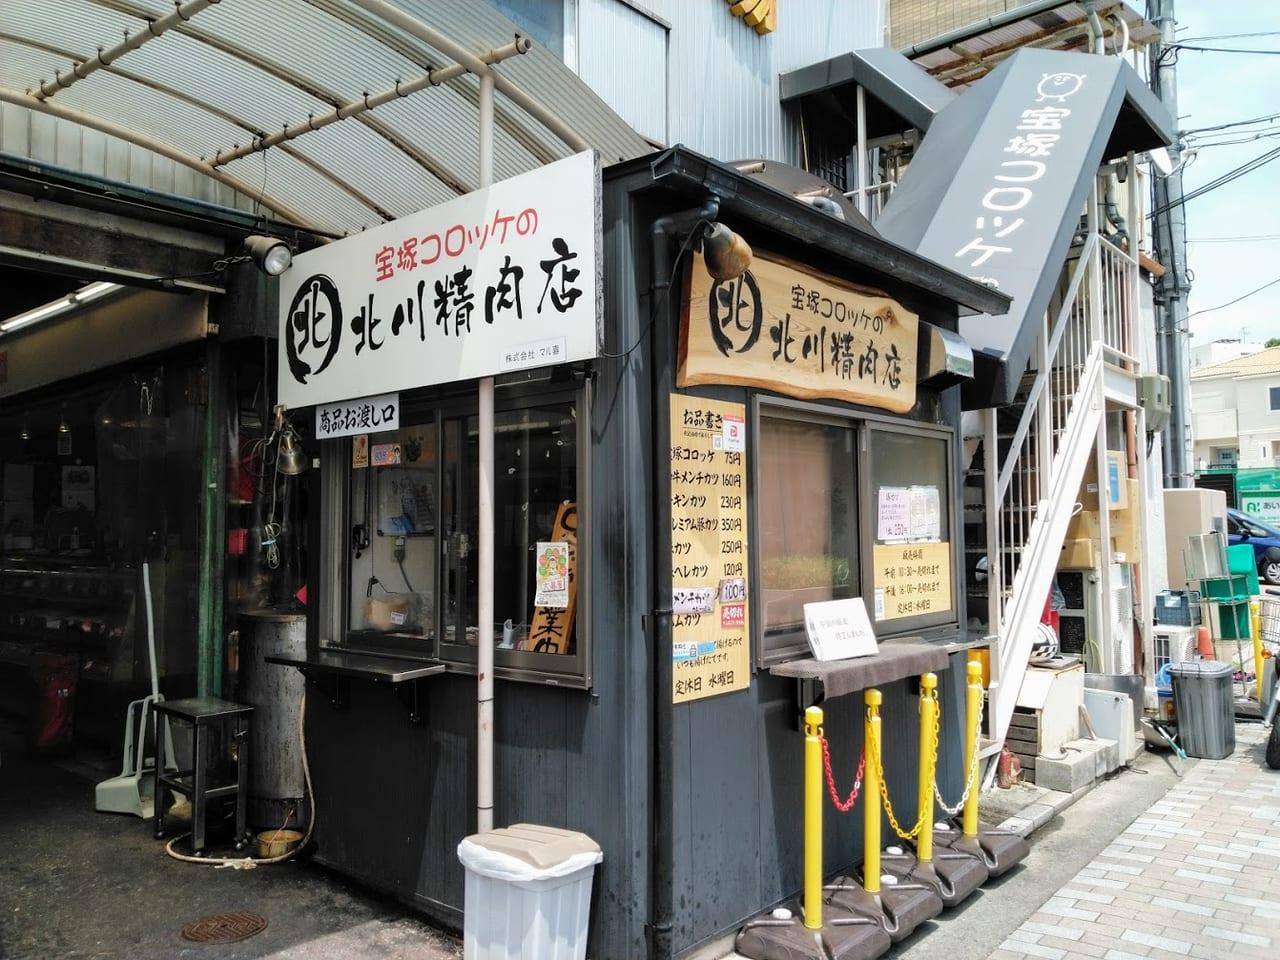 宝塚コロッケの北川精肉店